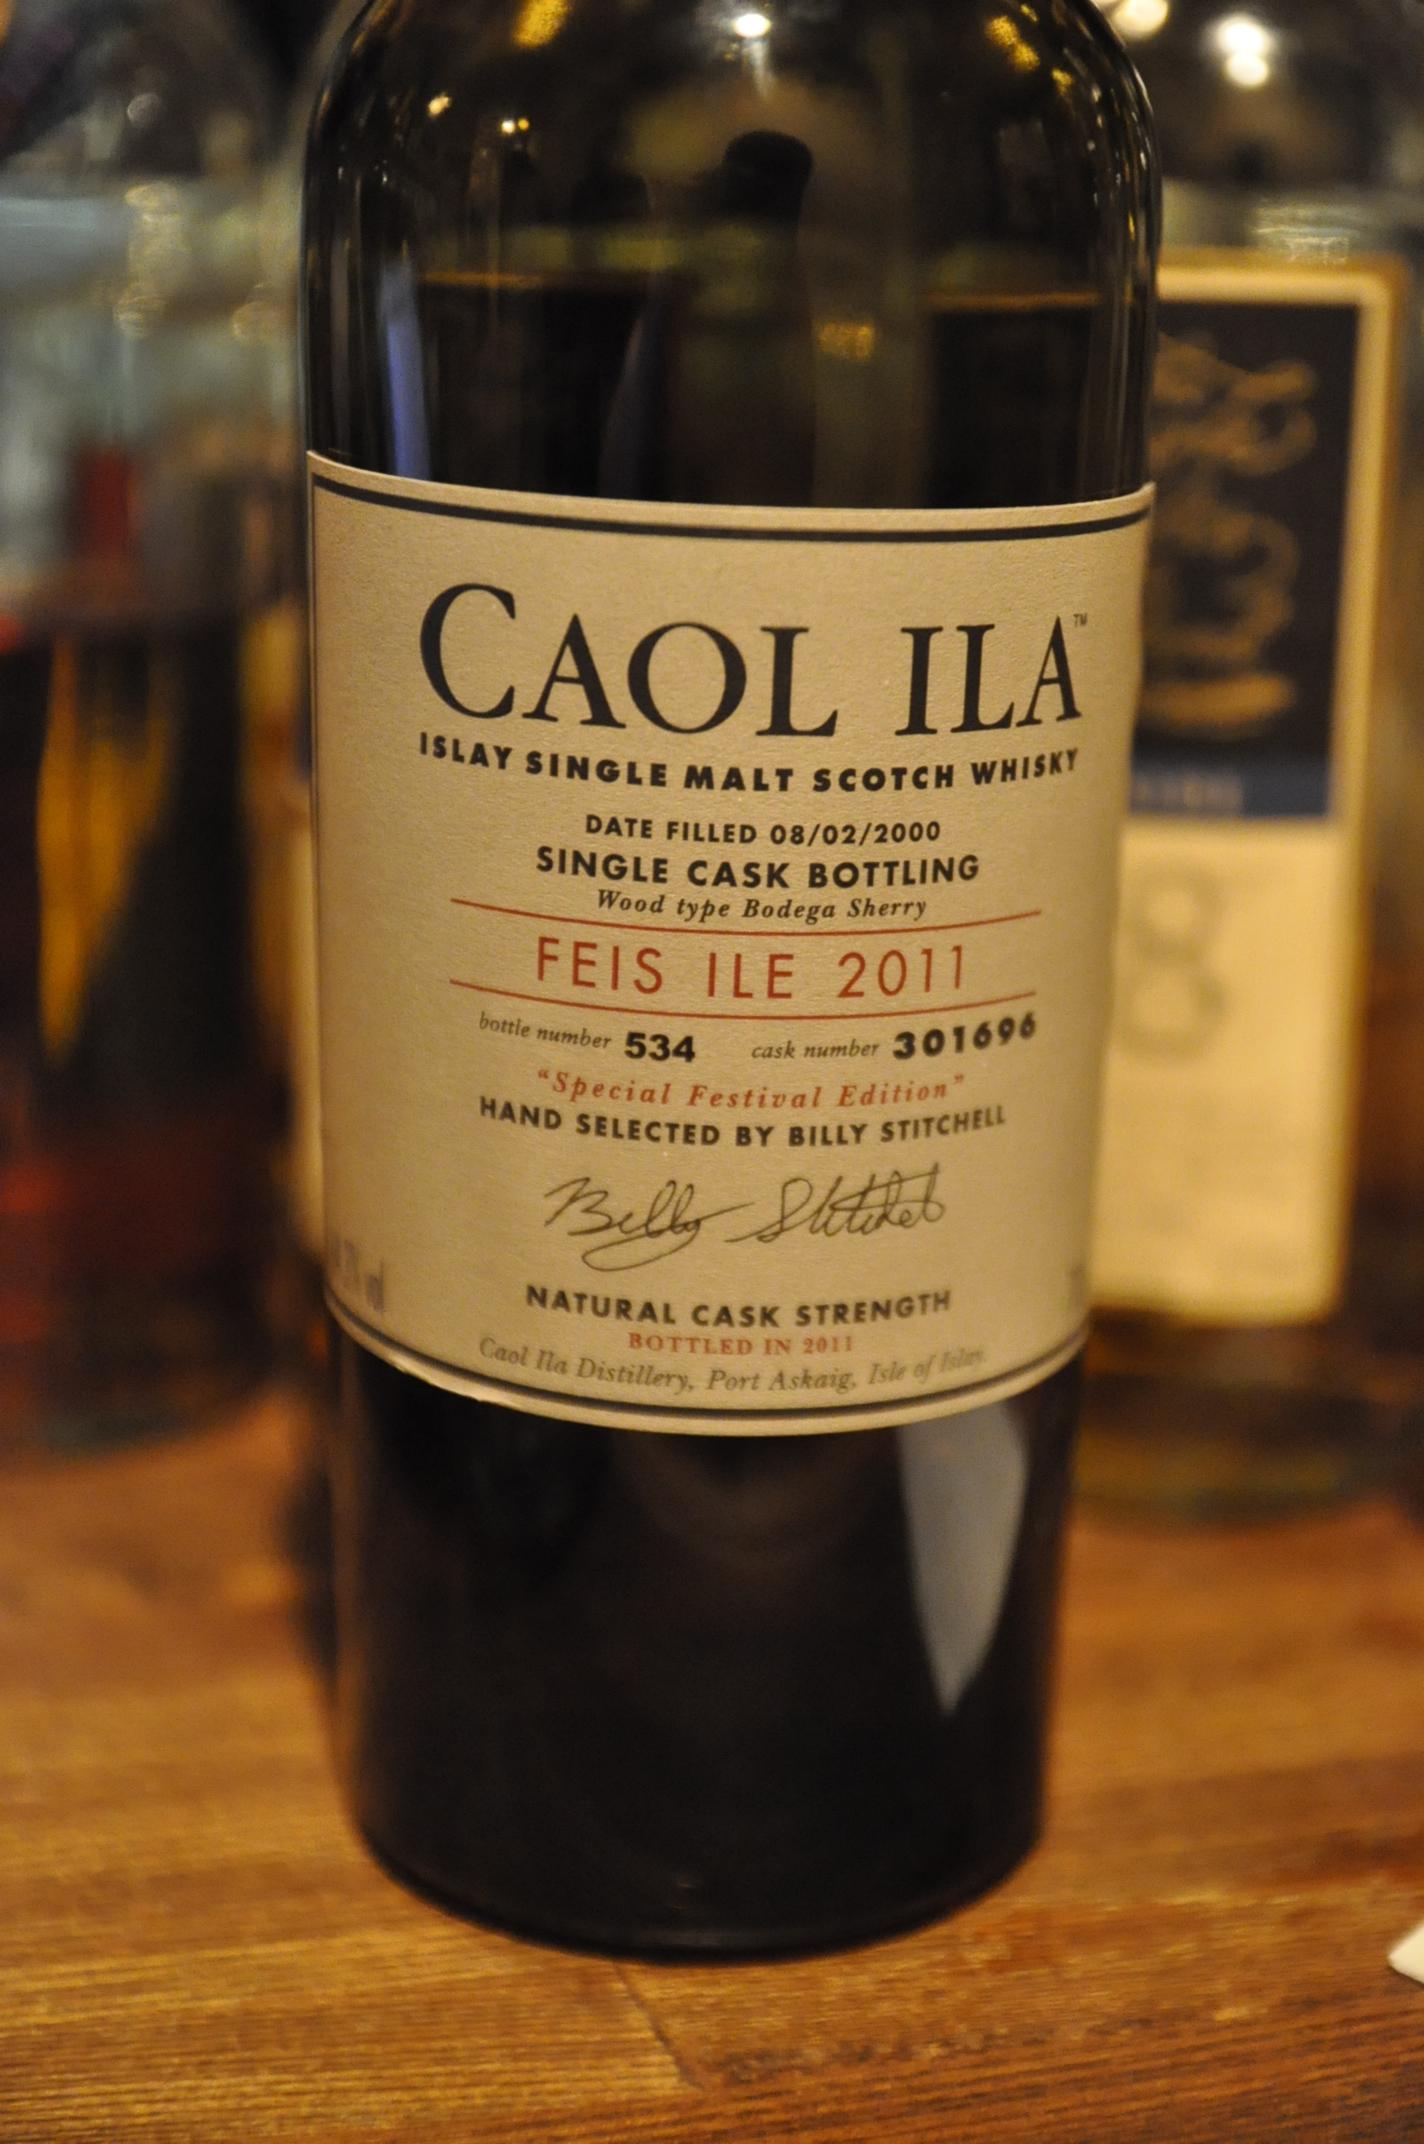 カリラ Caol Ila Feis Bottling  2000/2011 (64.3%, OB, Bodega Sherry Cask, C#301696, Btl No.534)